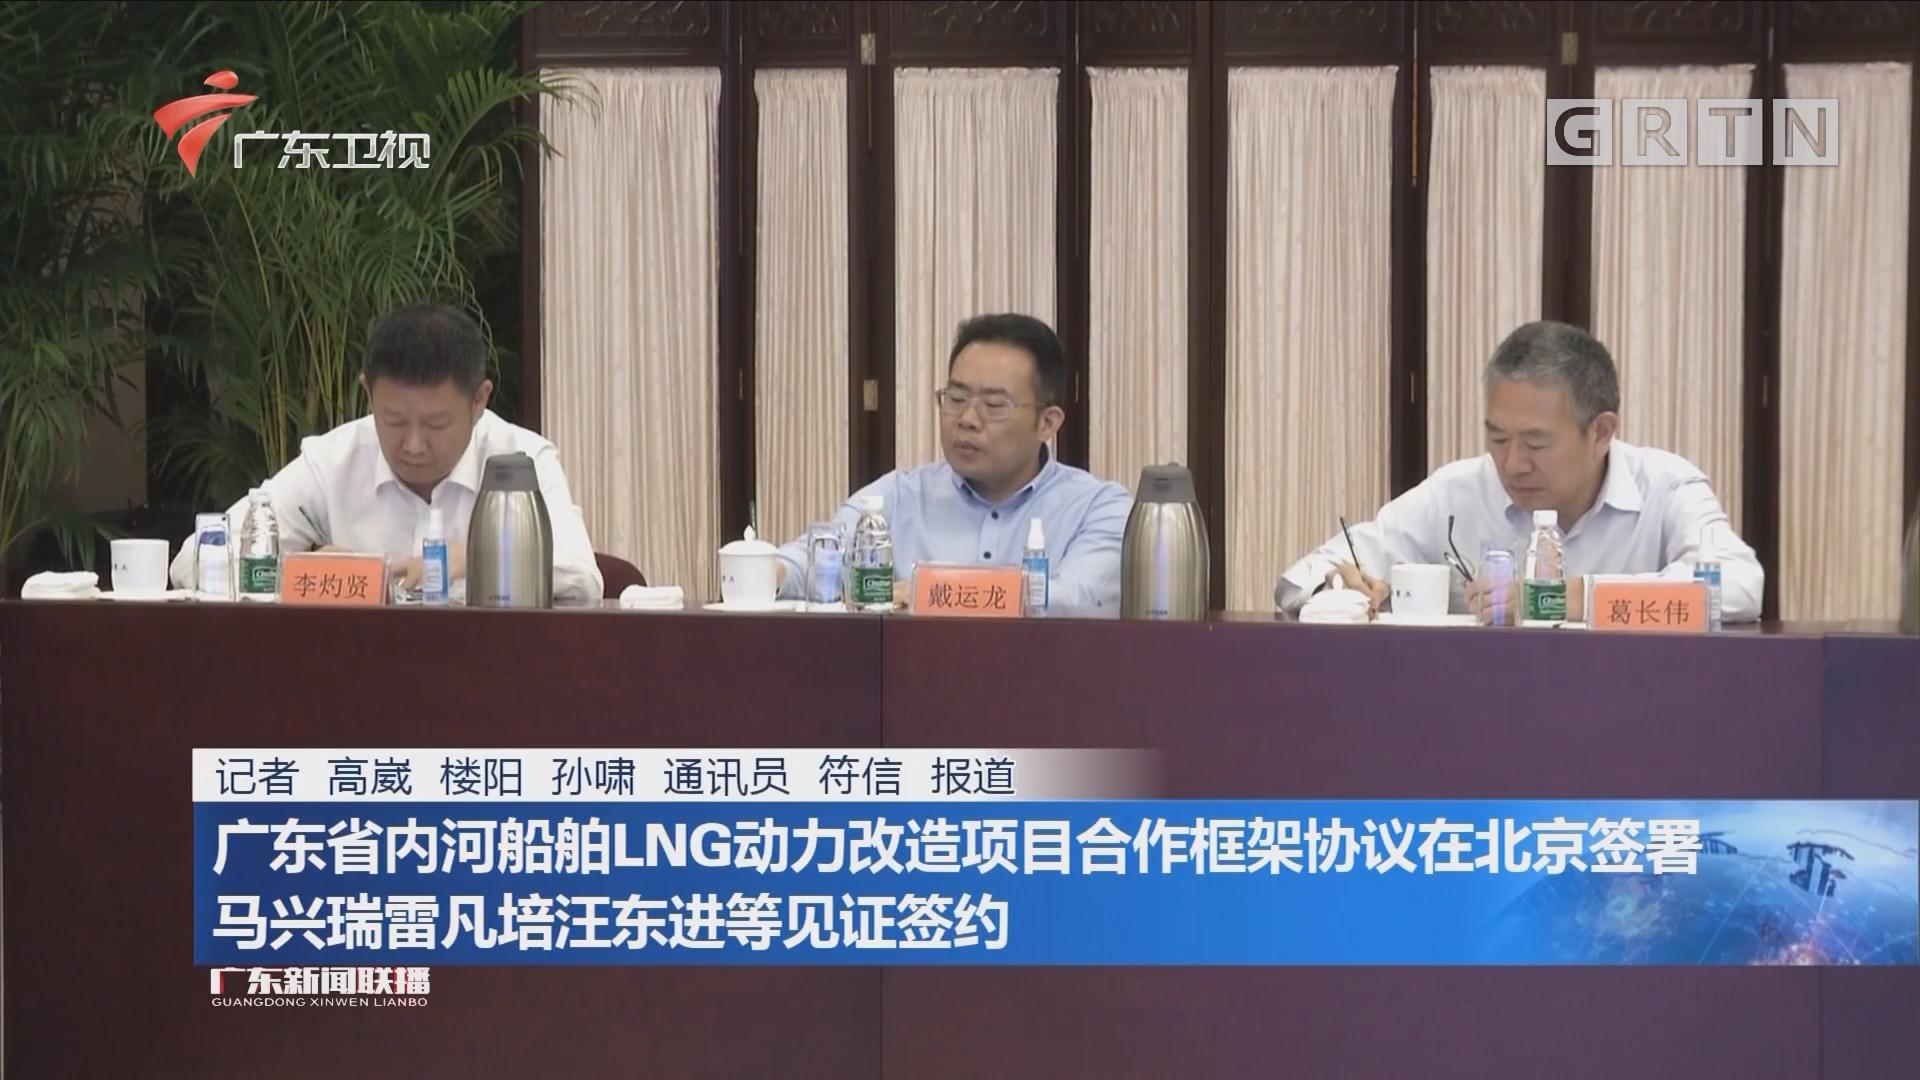 广东省内河船舶LNG动力改造项目合作框架协议在北京签暑 马兴瑞雷凡培汪东进等见证签约